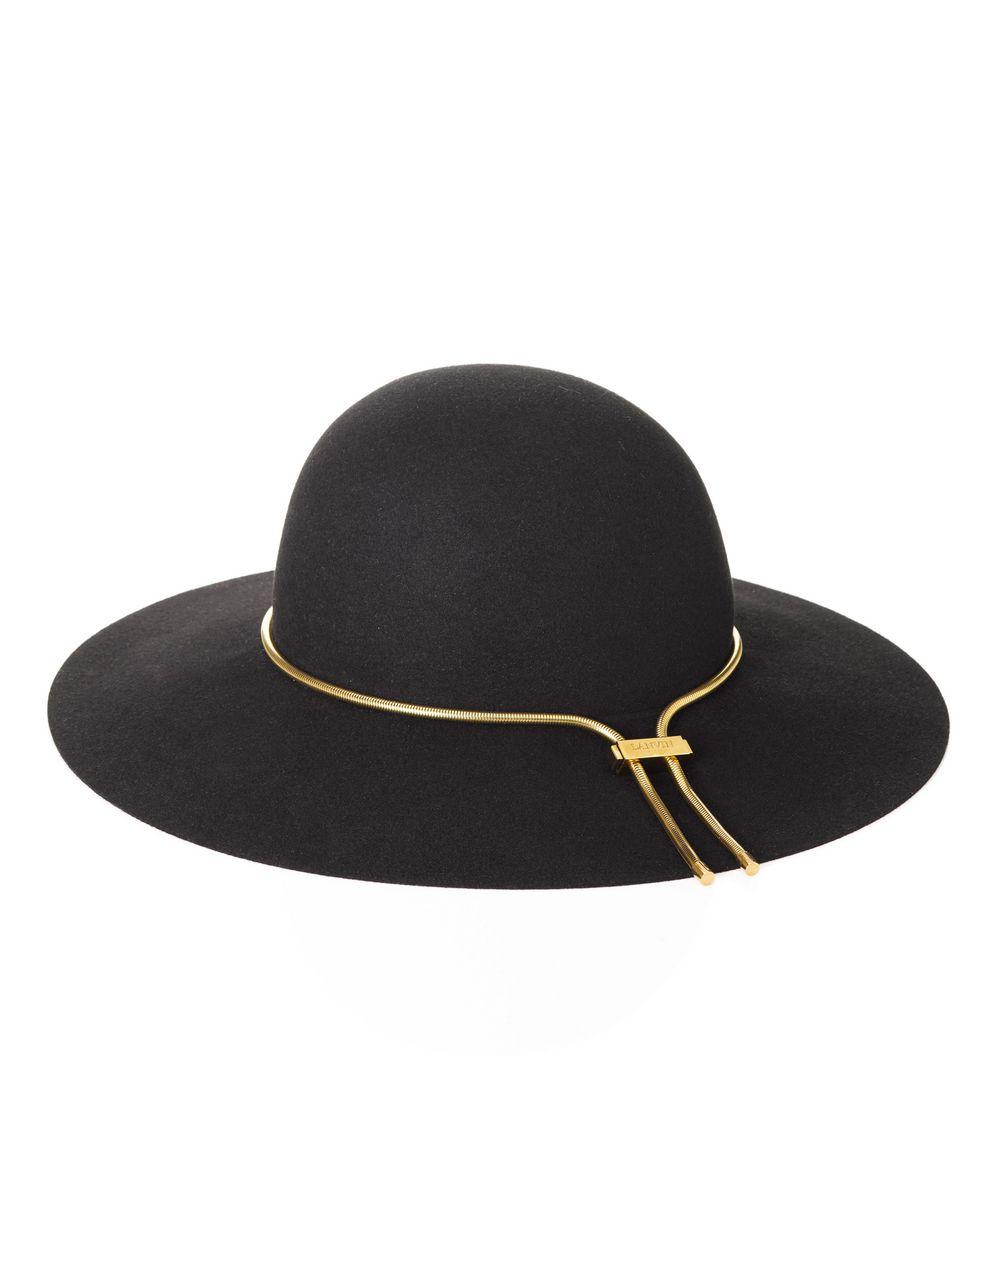 Wide-brimmed felt hat - Lanvin